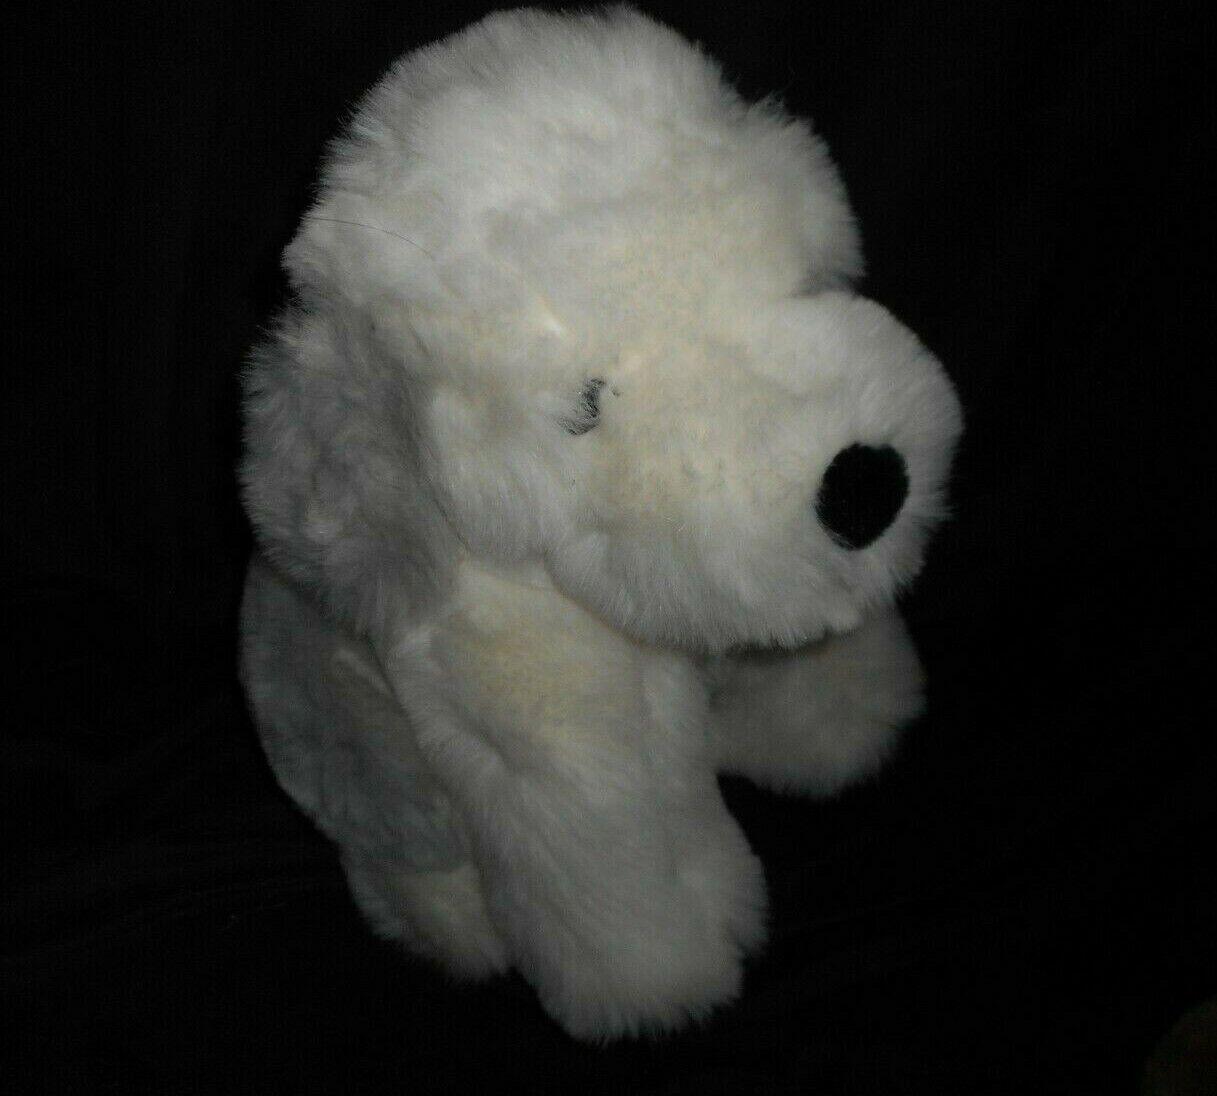 VINTAGE LORD & TAYLOR Weiß & grau SITTING PUPPY DOG STUFFED ANIMAL PLUSH TOY